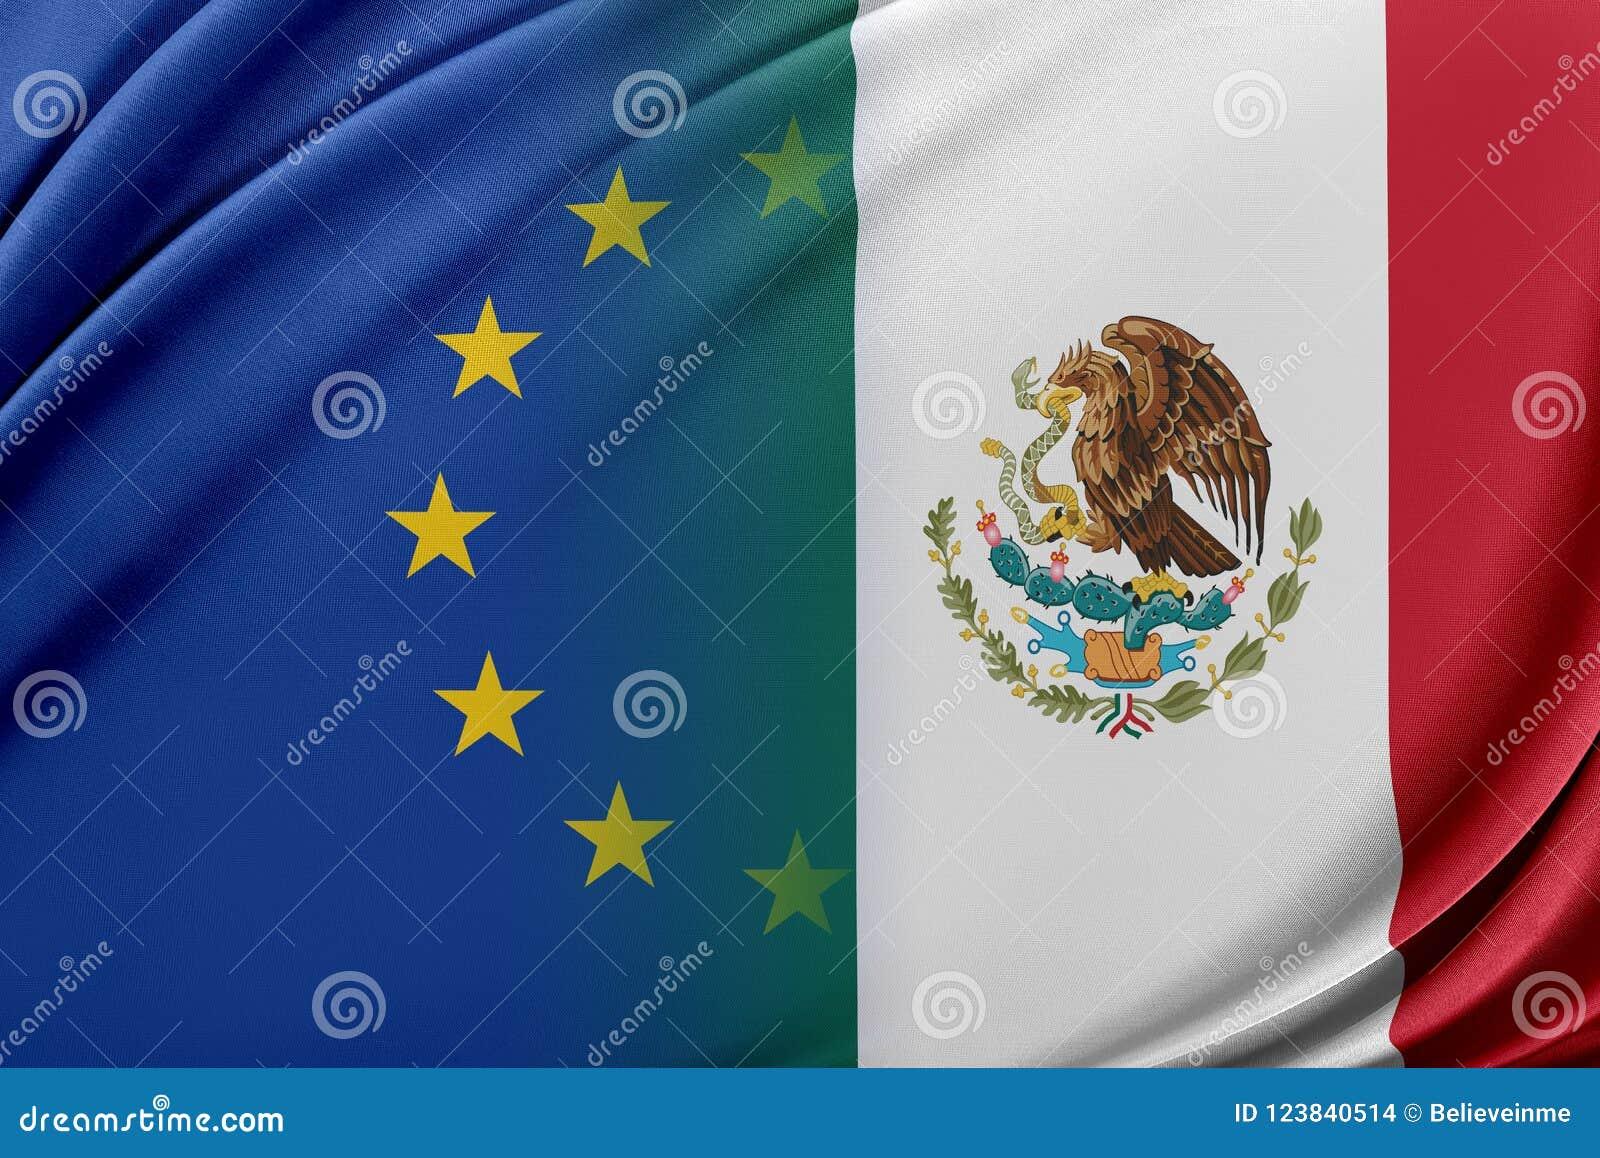 Europeisk union och Mexico Begreppet av förhållandet mellan EU och Mexico